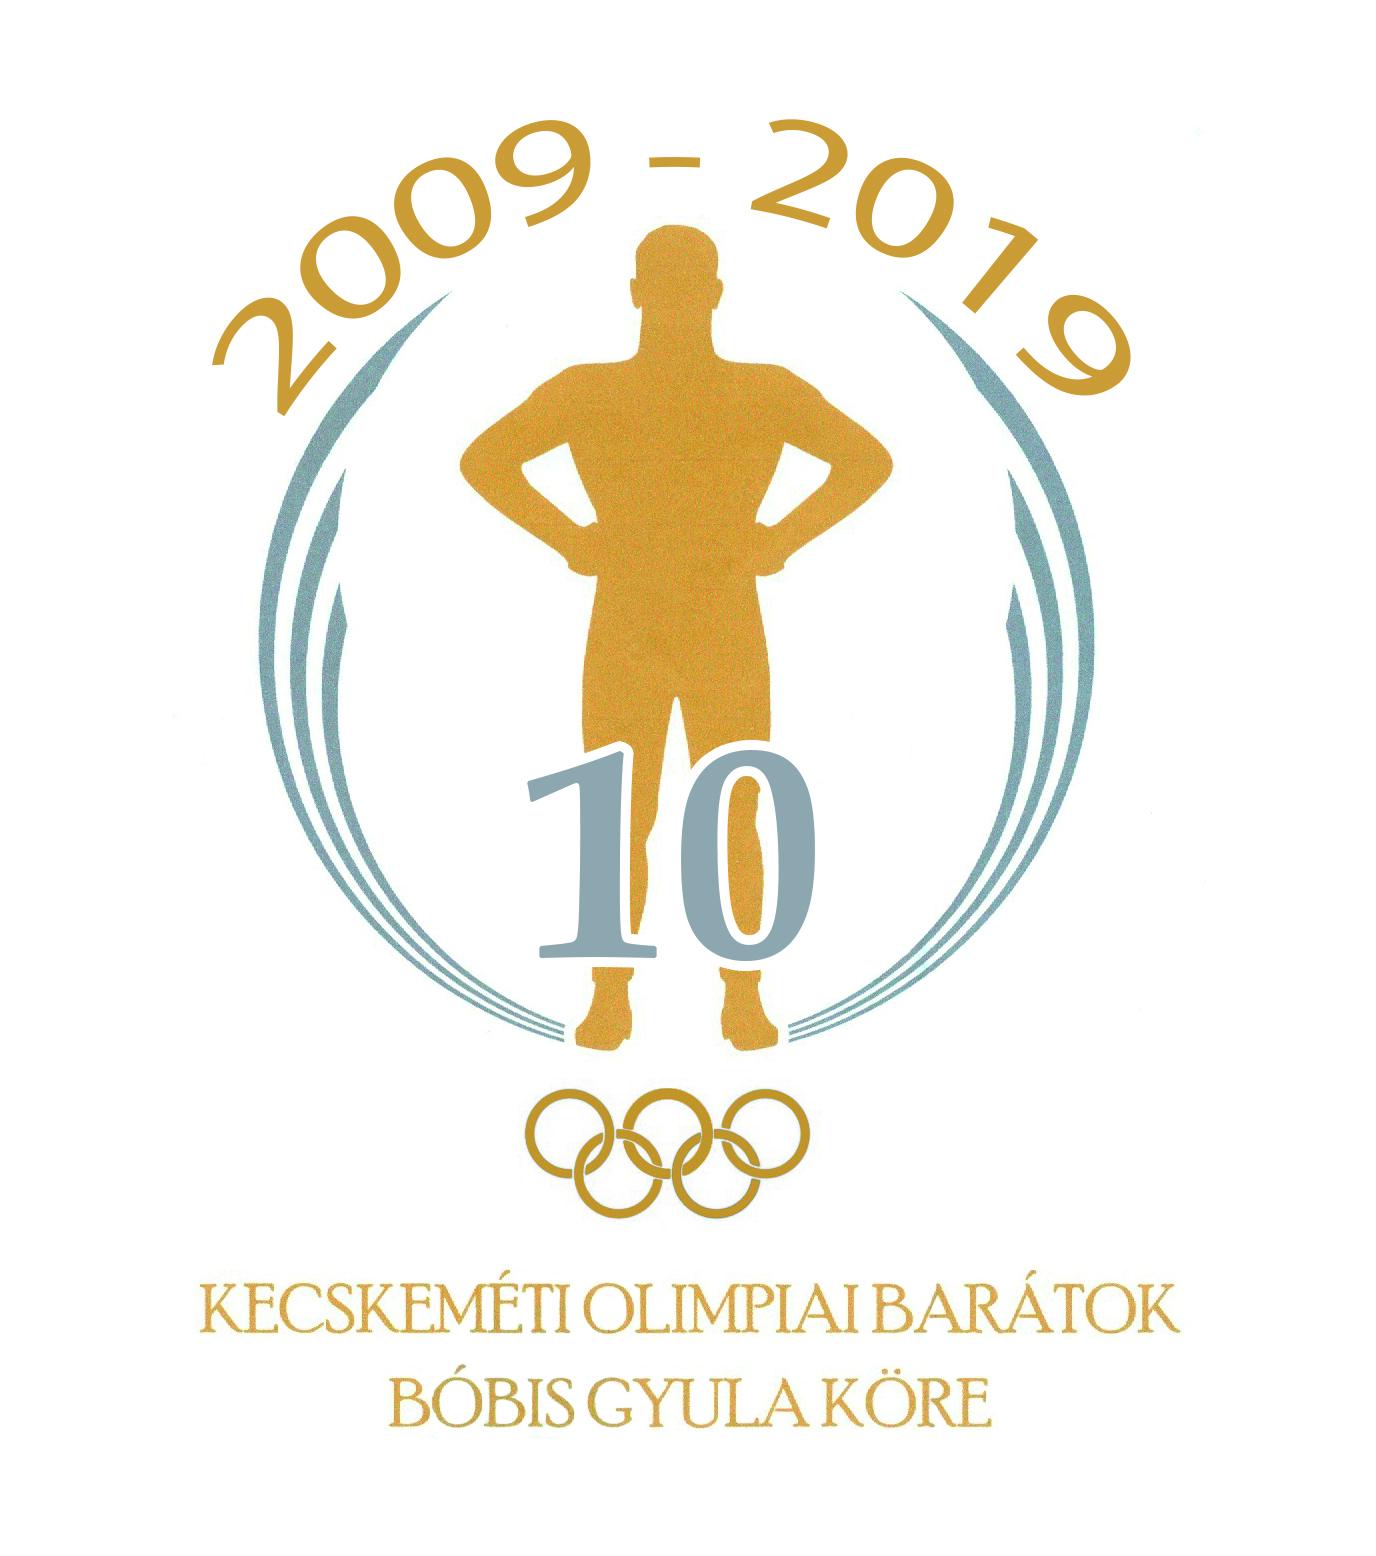 bobis logo 10